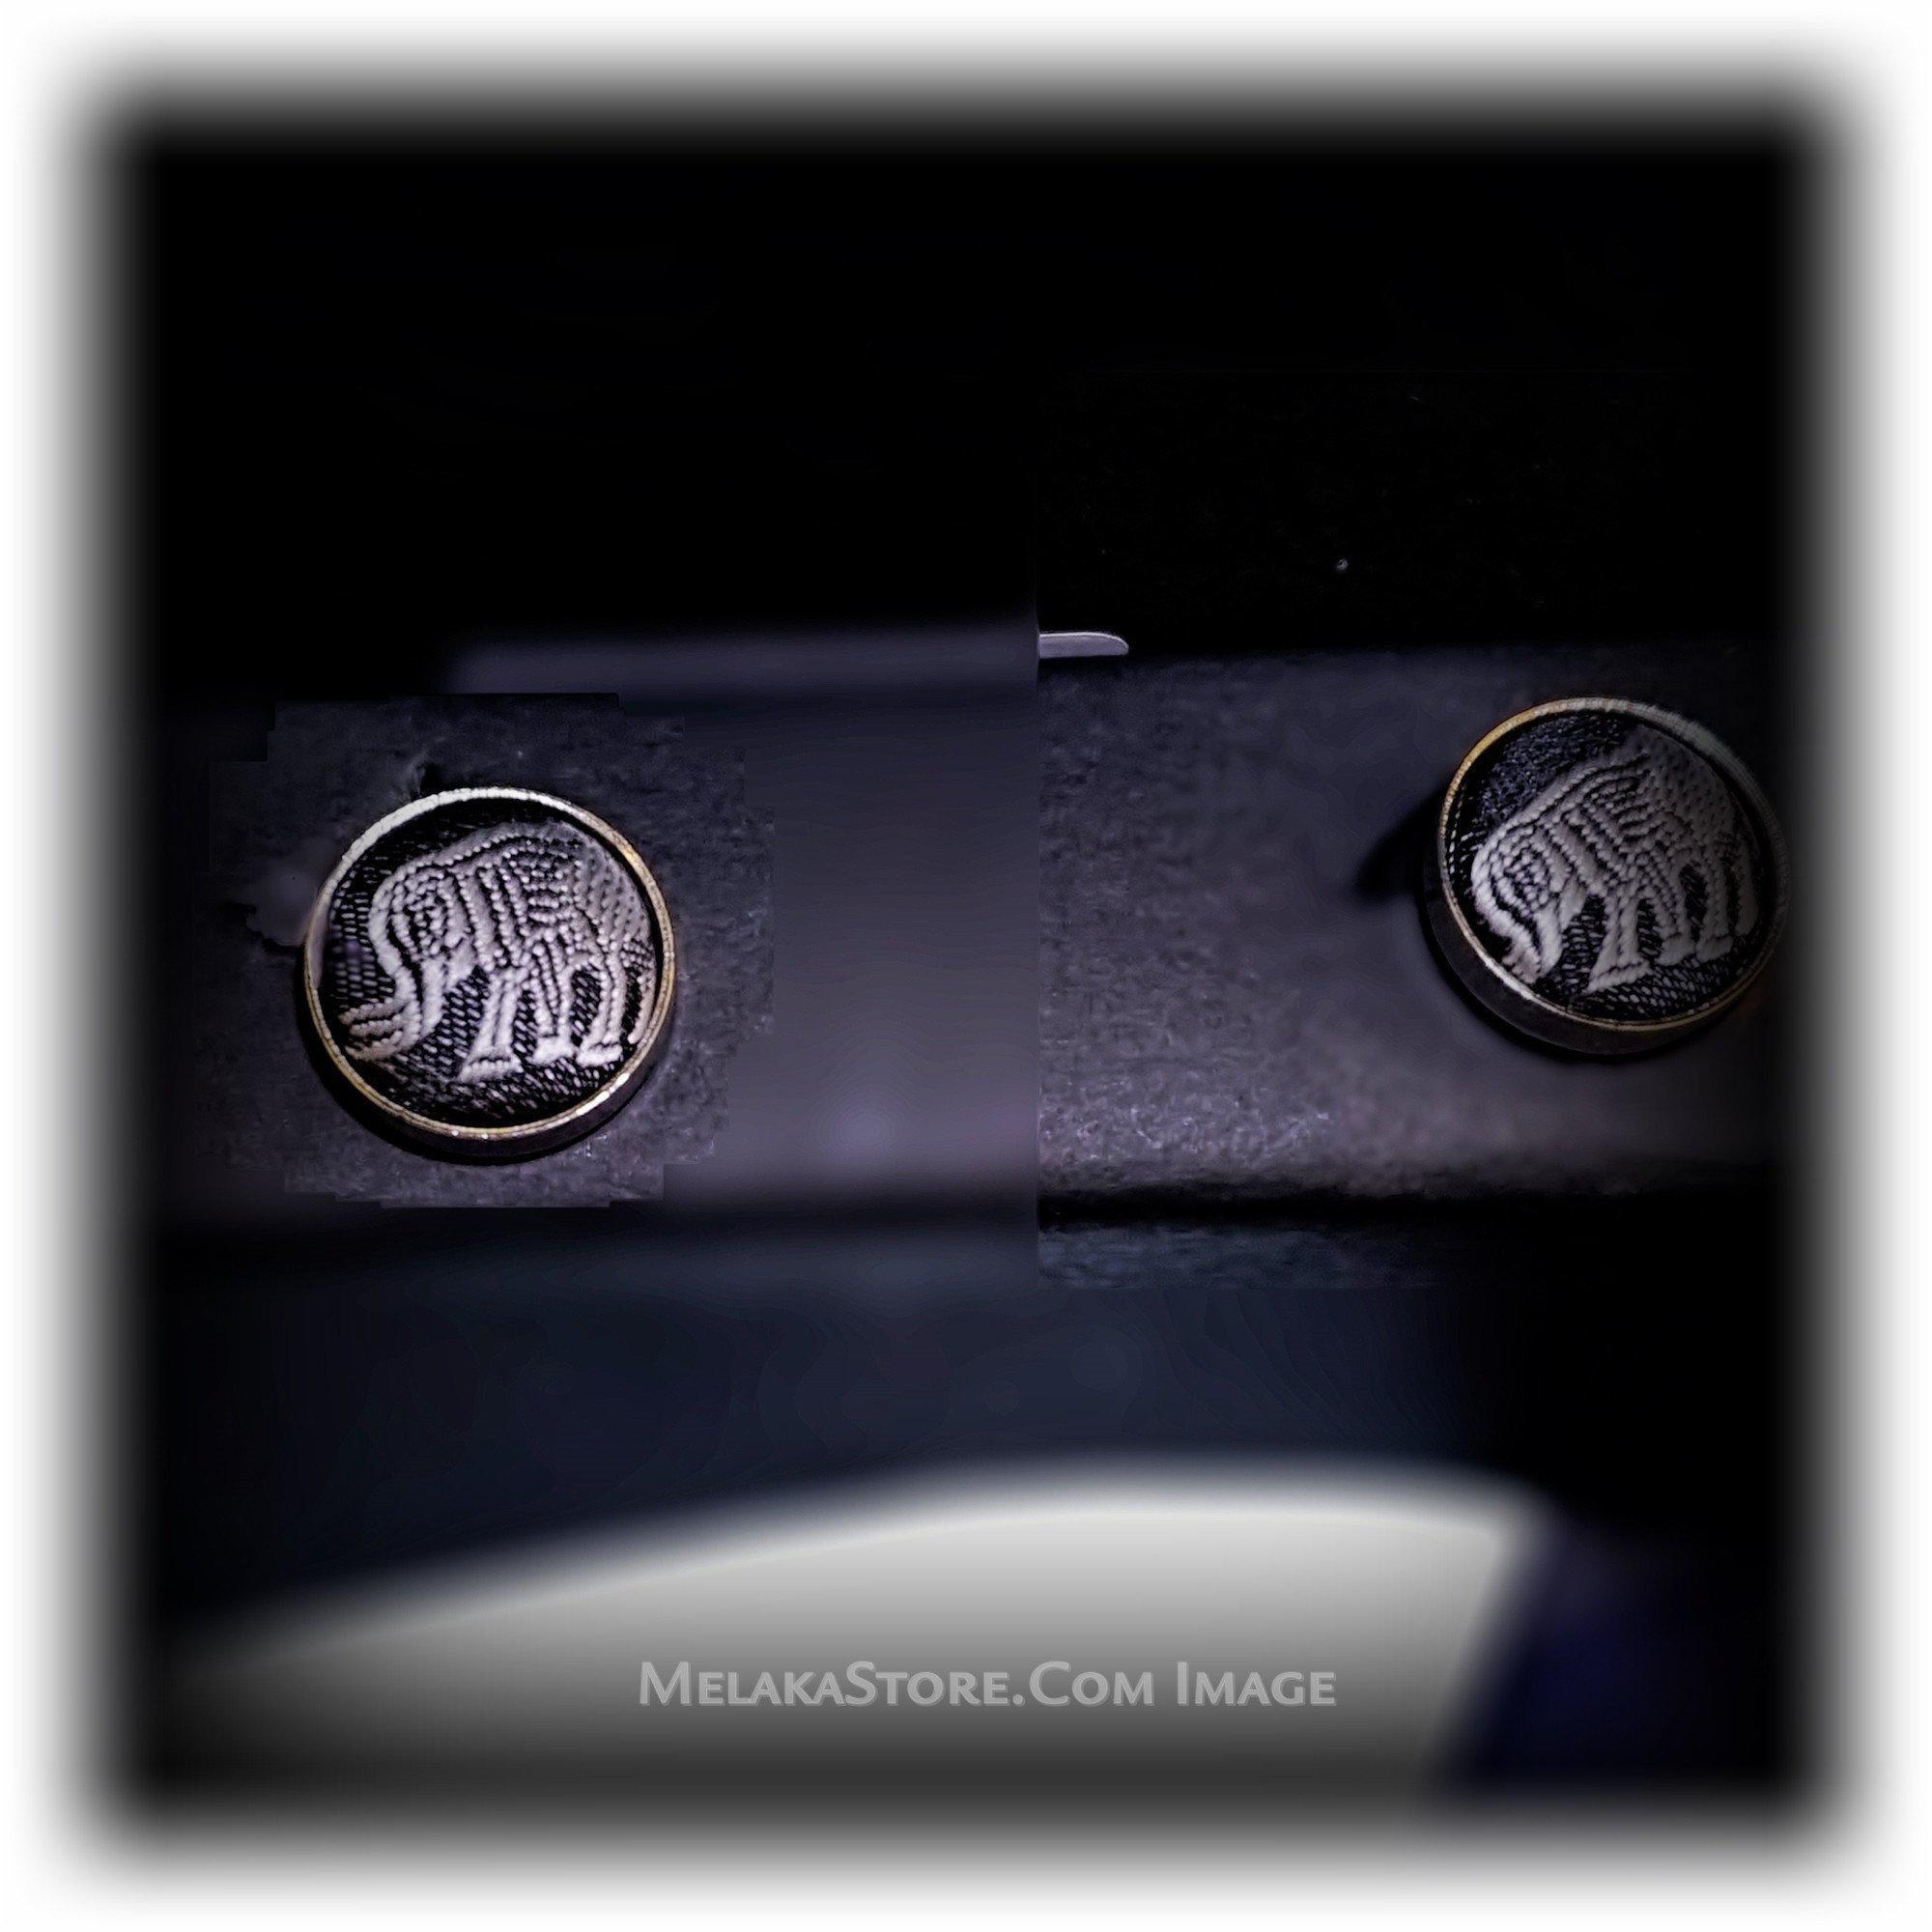 necktie-set-necktie-pocket-square-cuff-link-and-a-tie-bar-set-3.jpg